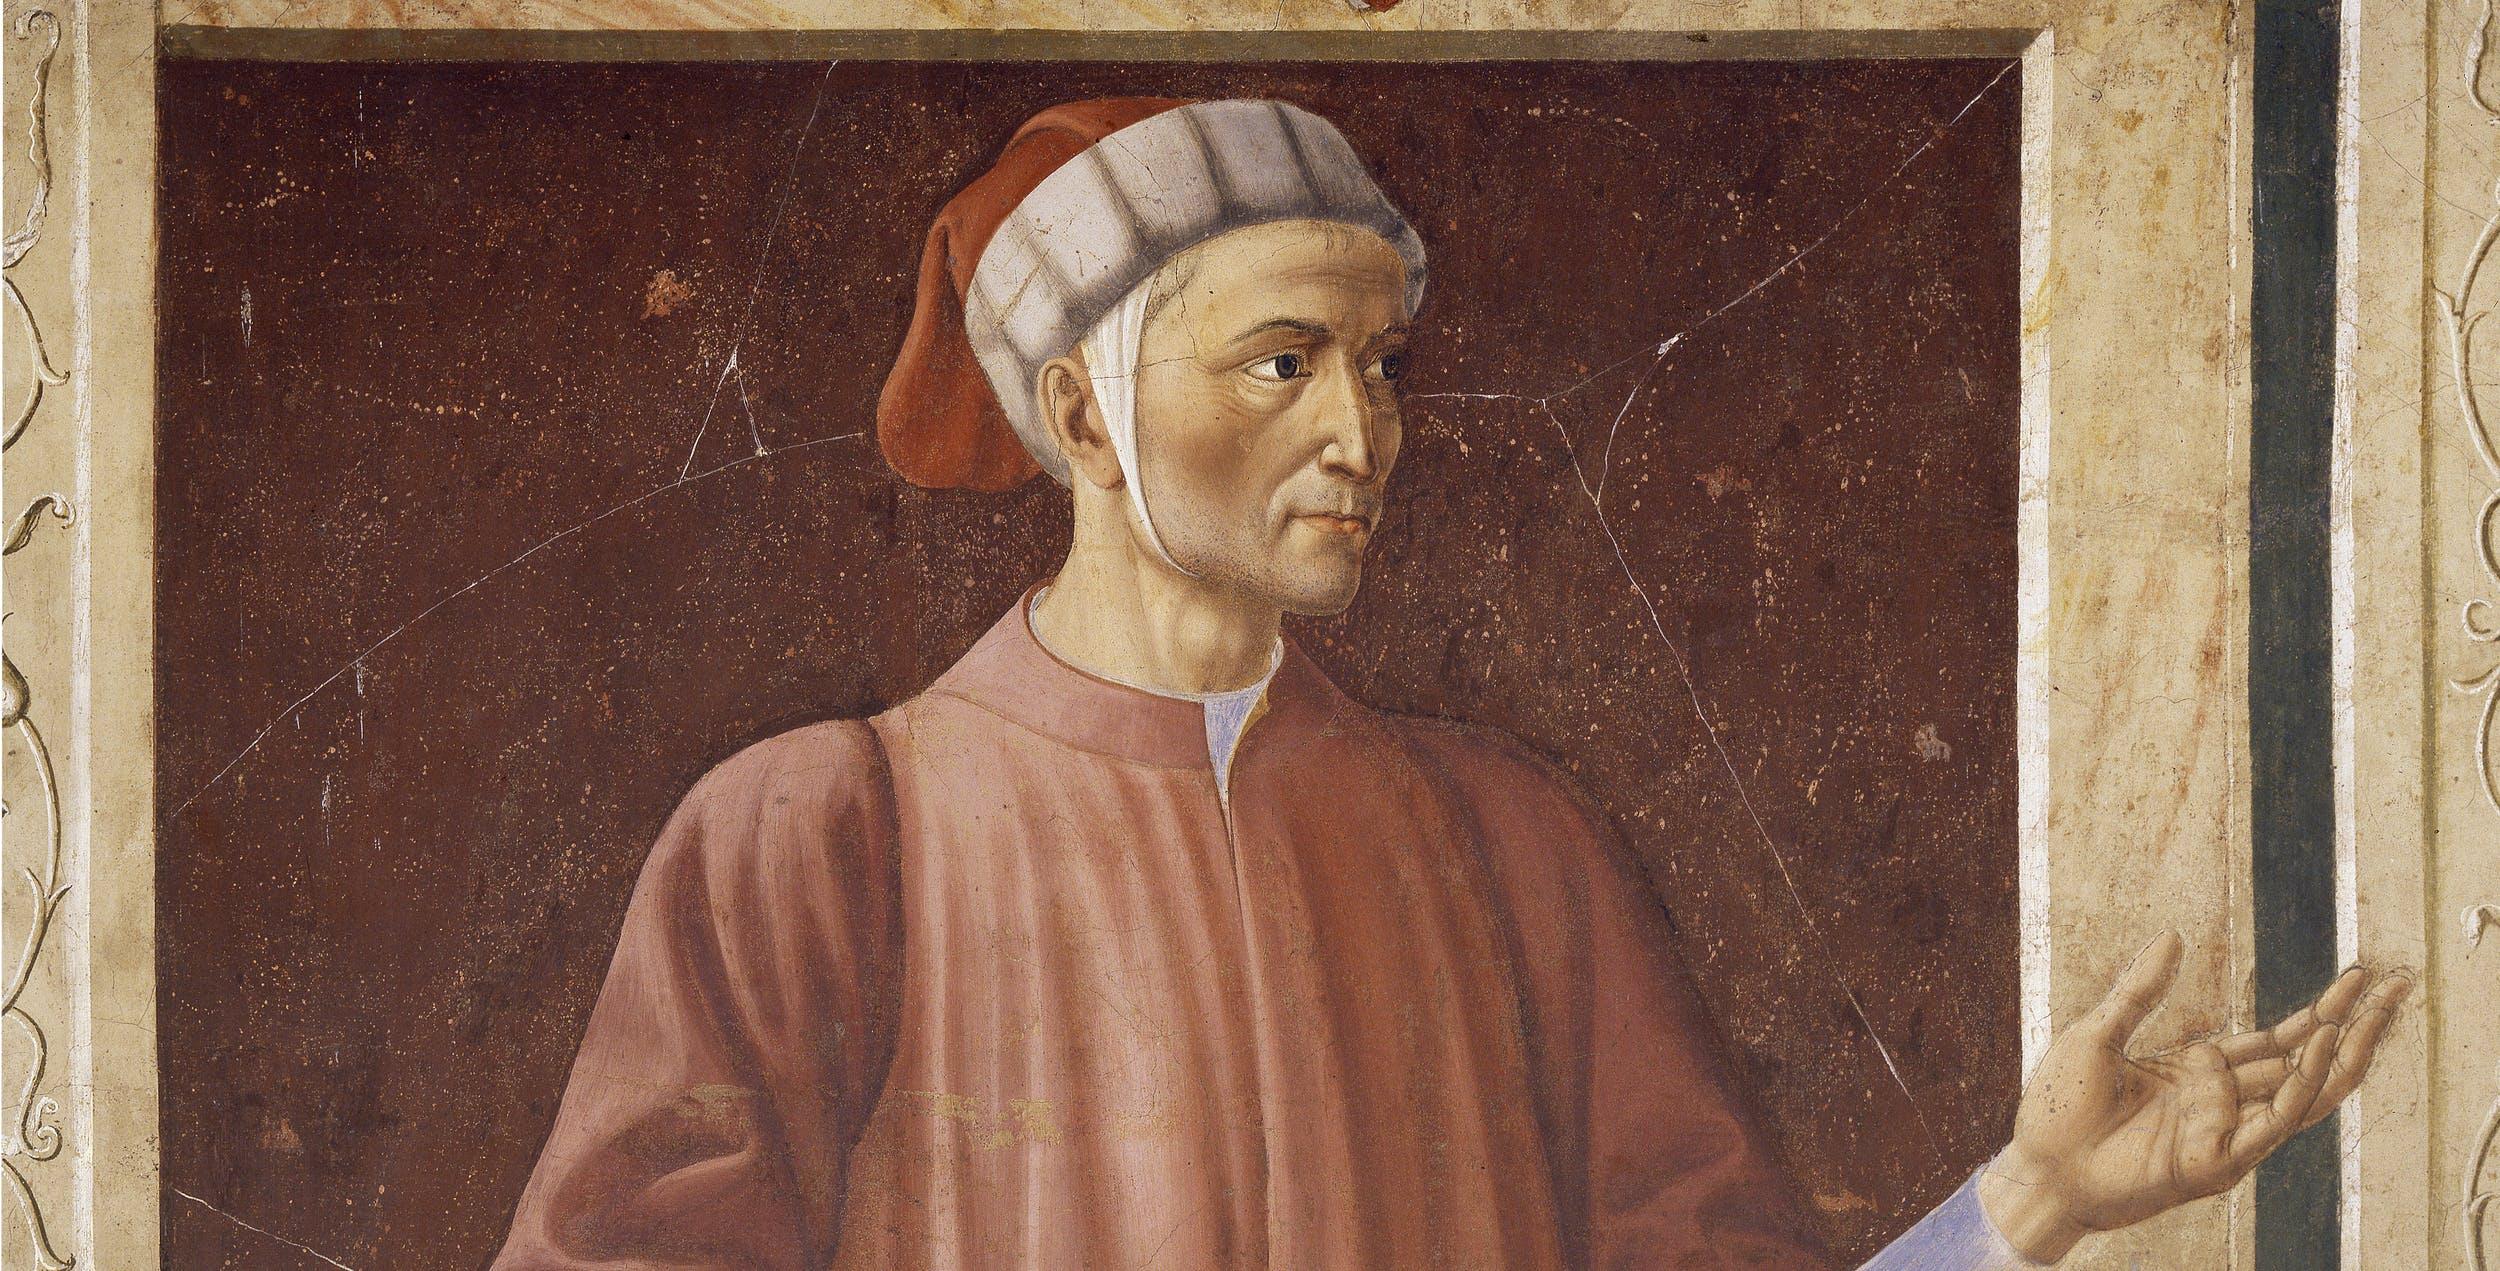 Искусство в 2021: год поэта Данте Алигьери в Италии